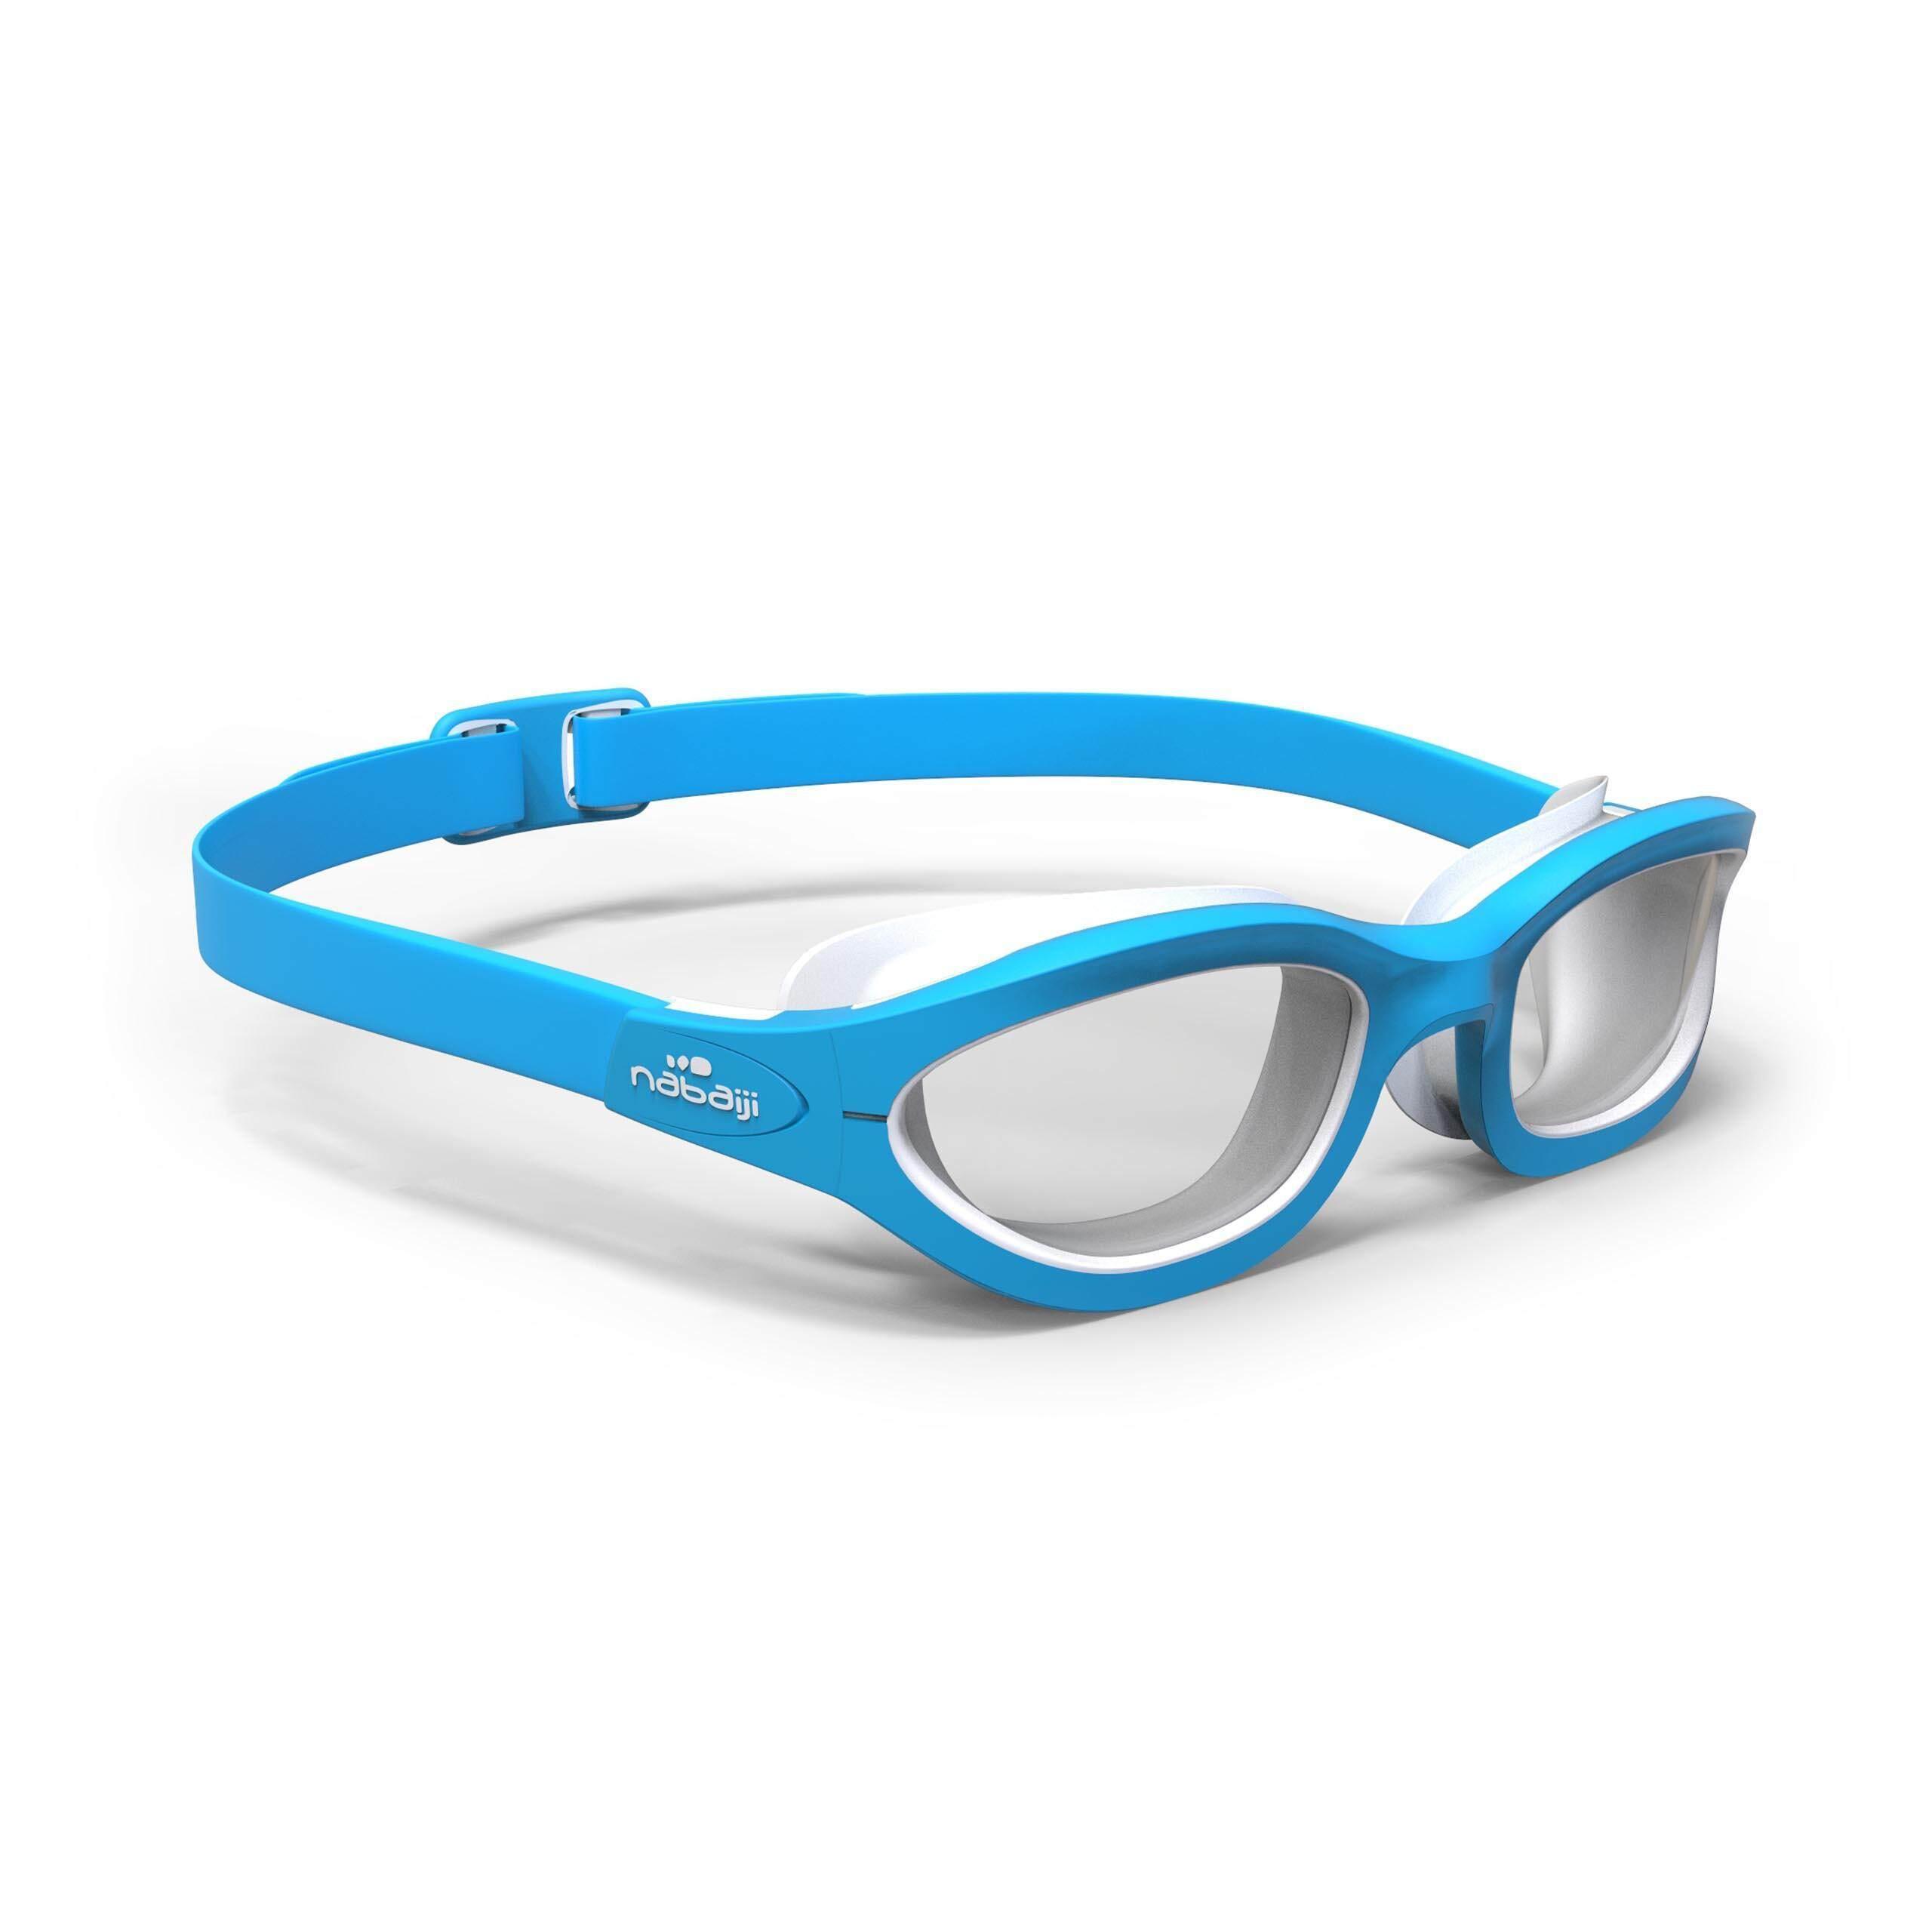 [ส่งฟรี!!ไม่มีขั้นต่ำ] แว่นตาว่ายน้ำรุ่น 100 EASYDOW ขนาด S (สีฟ้า) สำหรับ ว่ายน้ำ